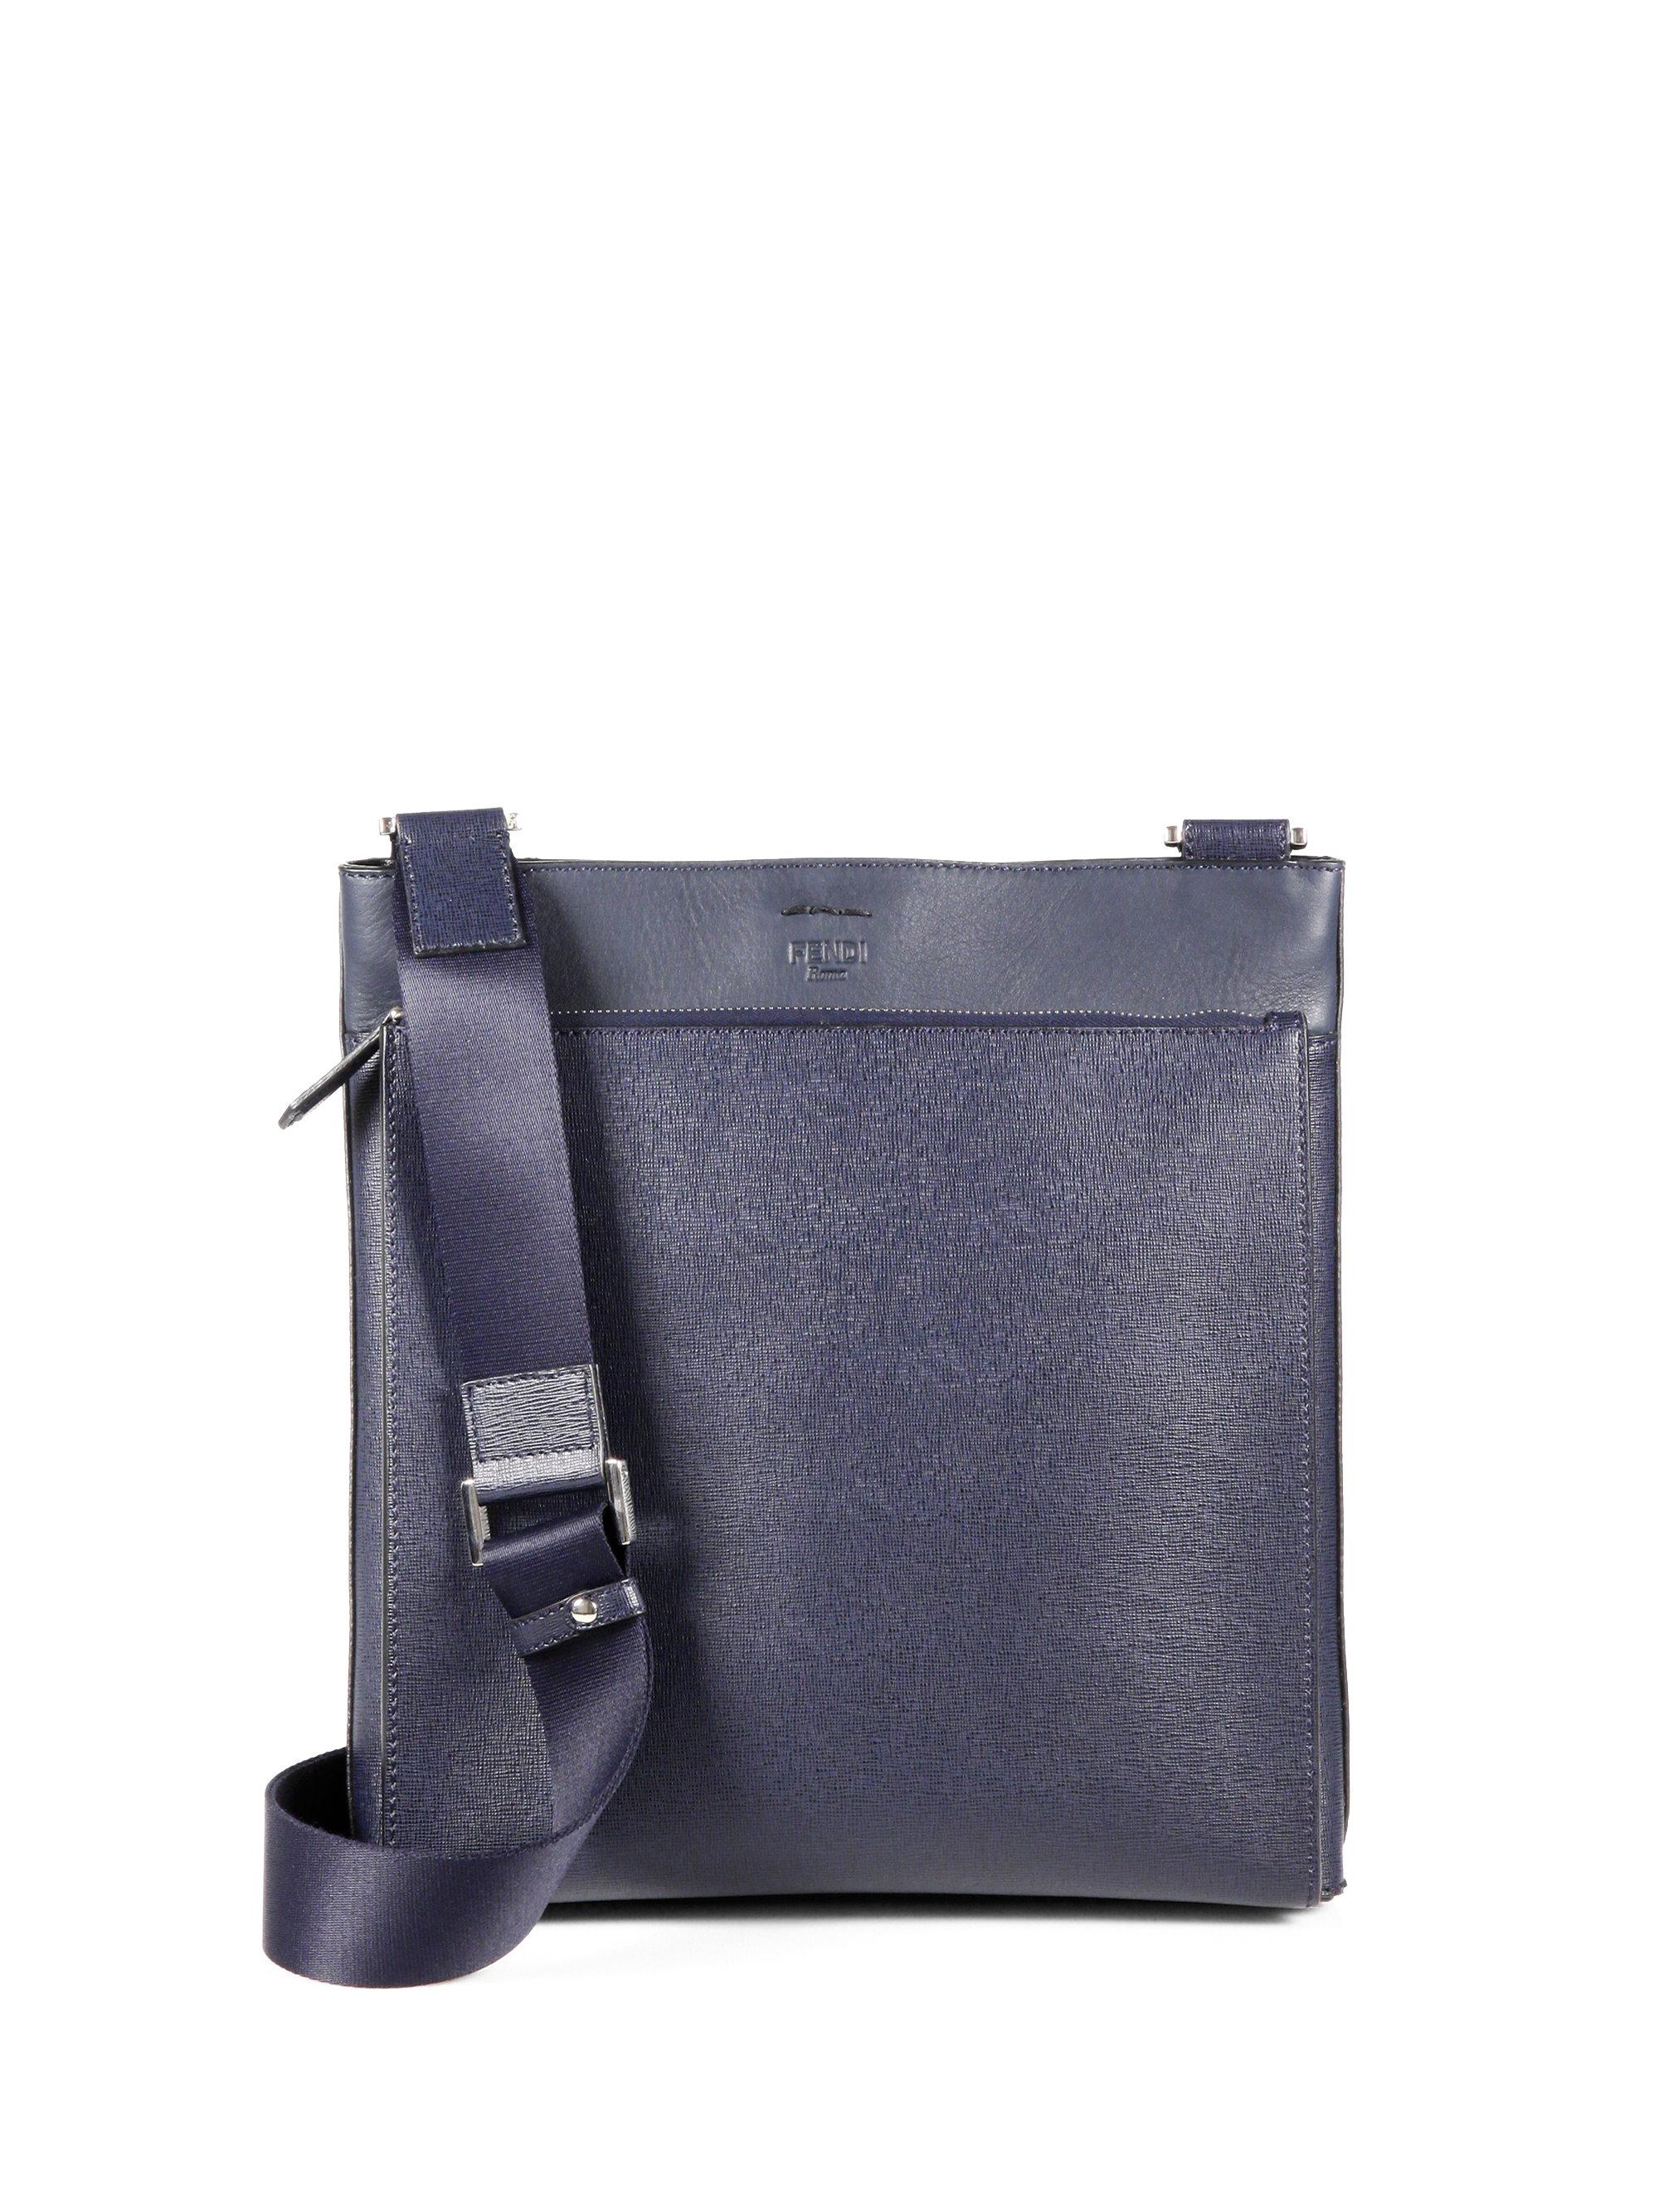 06347f7b384a Lyst - Fendi Flat Crossbody Bag in Blue for Men